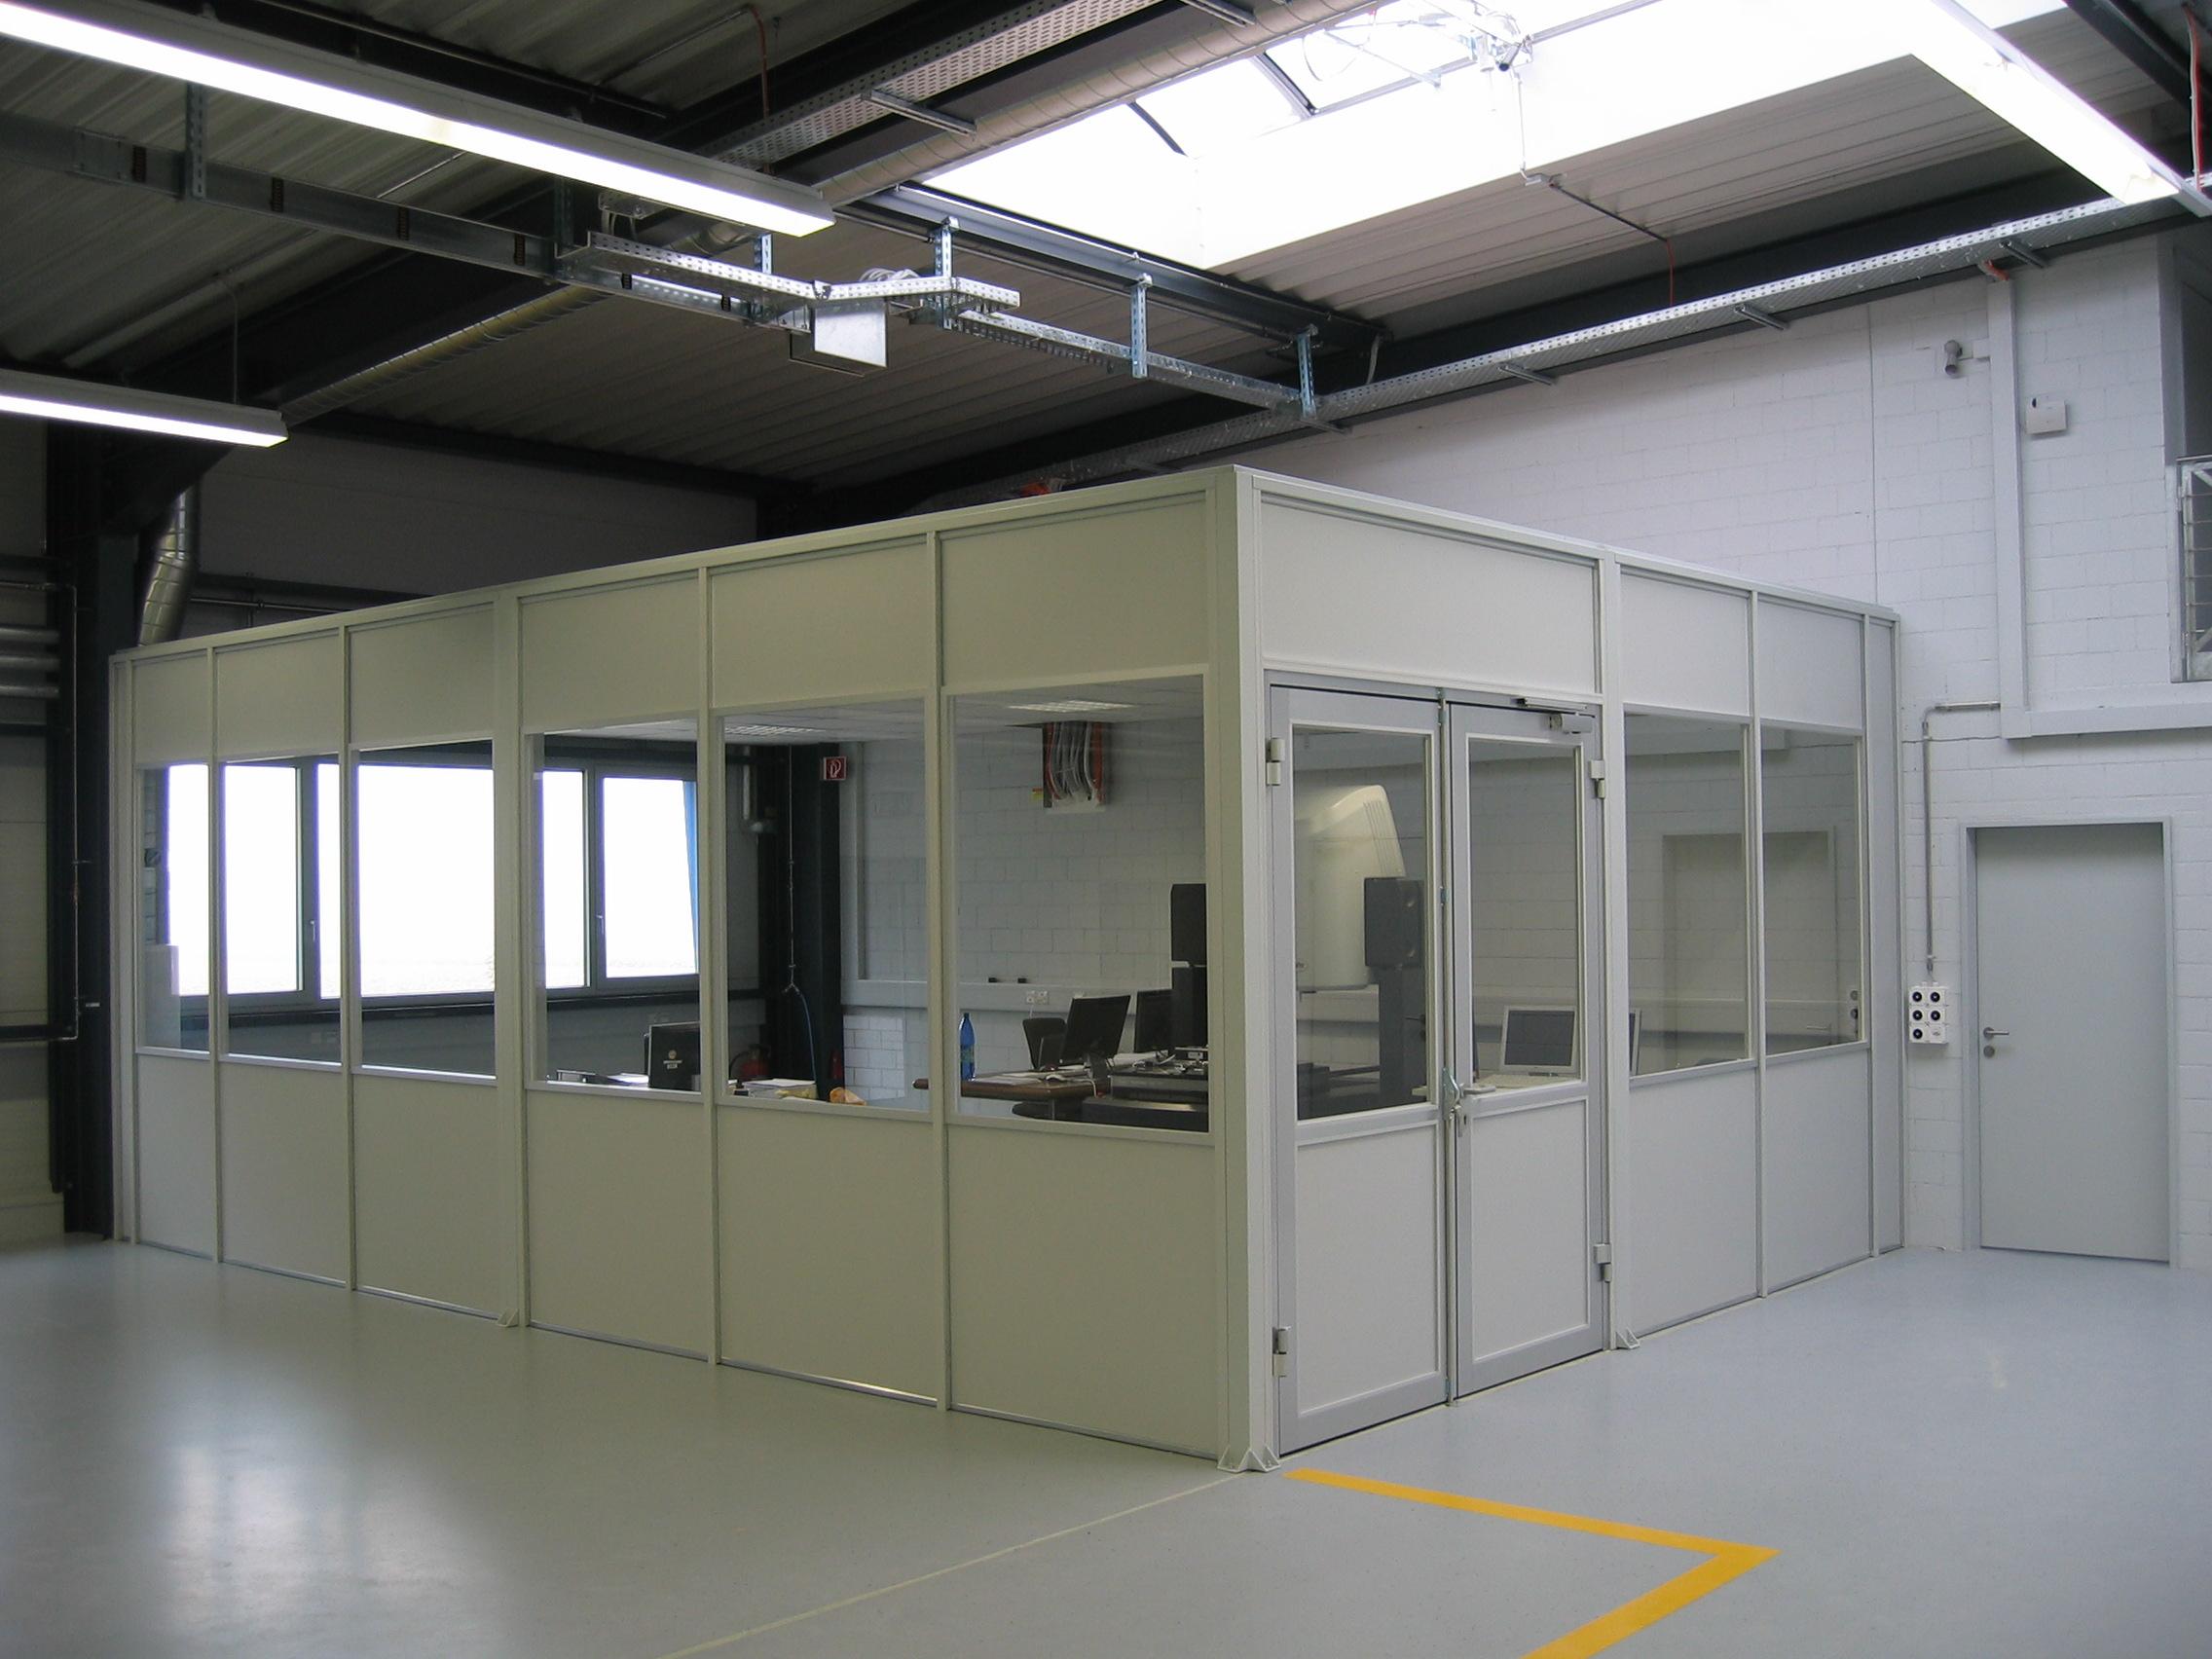 Bedarfsgerechte Raum-in-Raum-Lösungen Flexible, bedarfsgerechte Räume Raumnutzung auf mehreren Ebene in Kombination mit